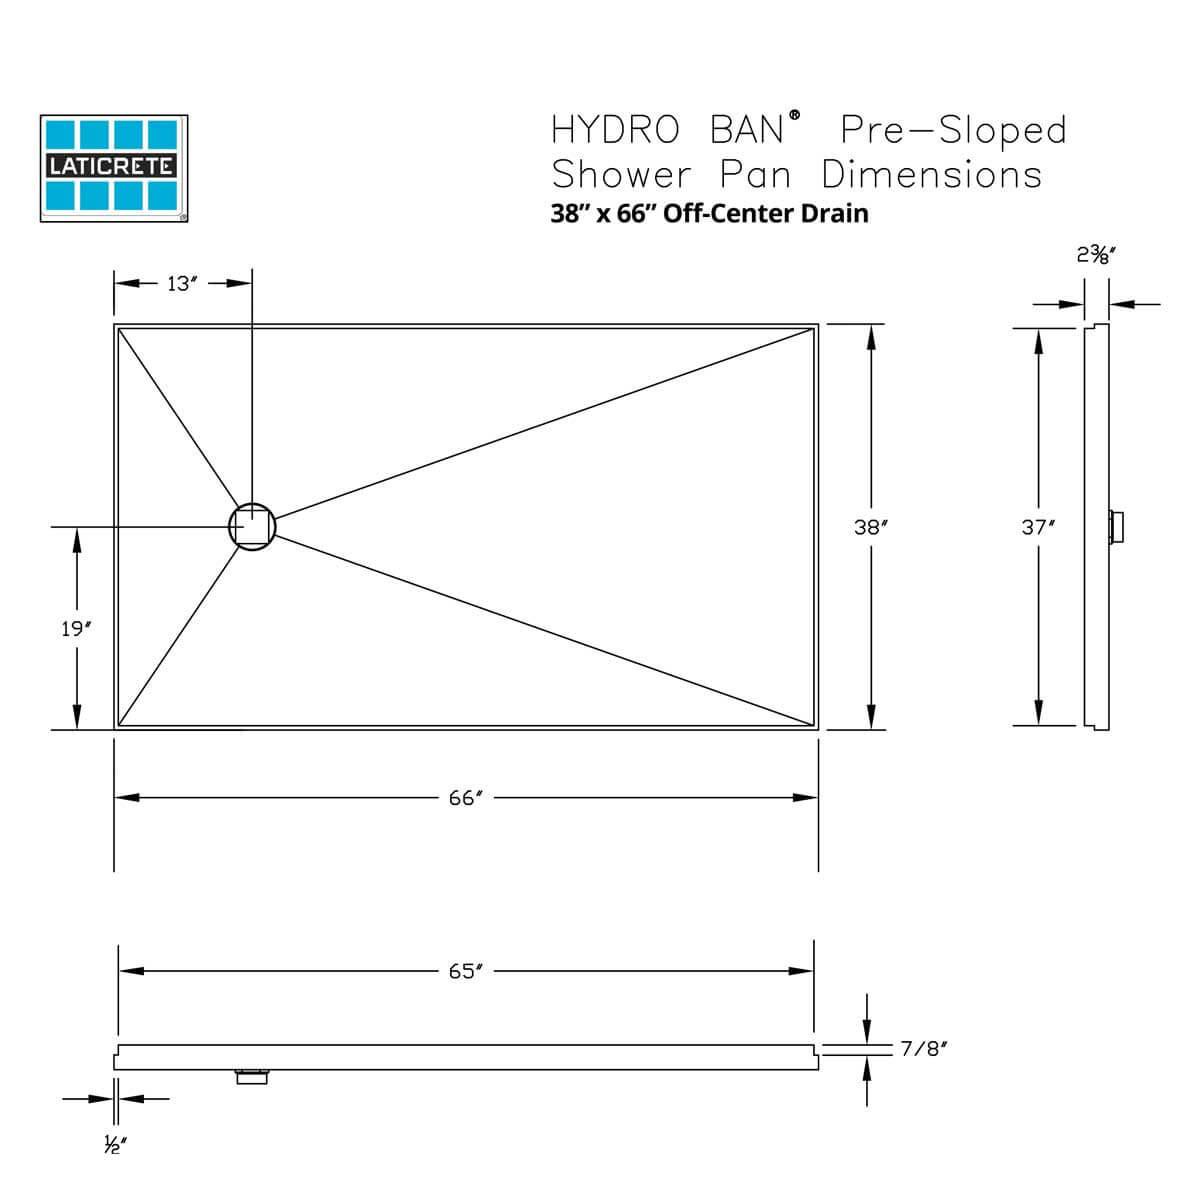 9370-3866-PVC 38 x 66in Laticrete Hydro Ban Pre-sloped Shower Pan